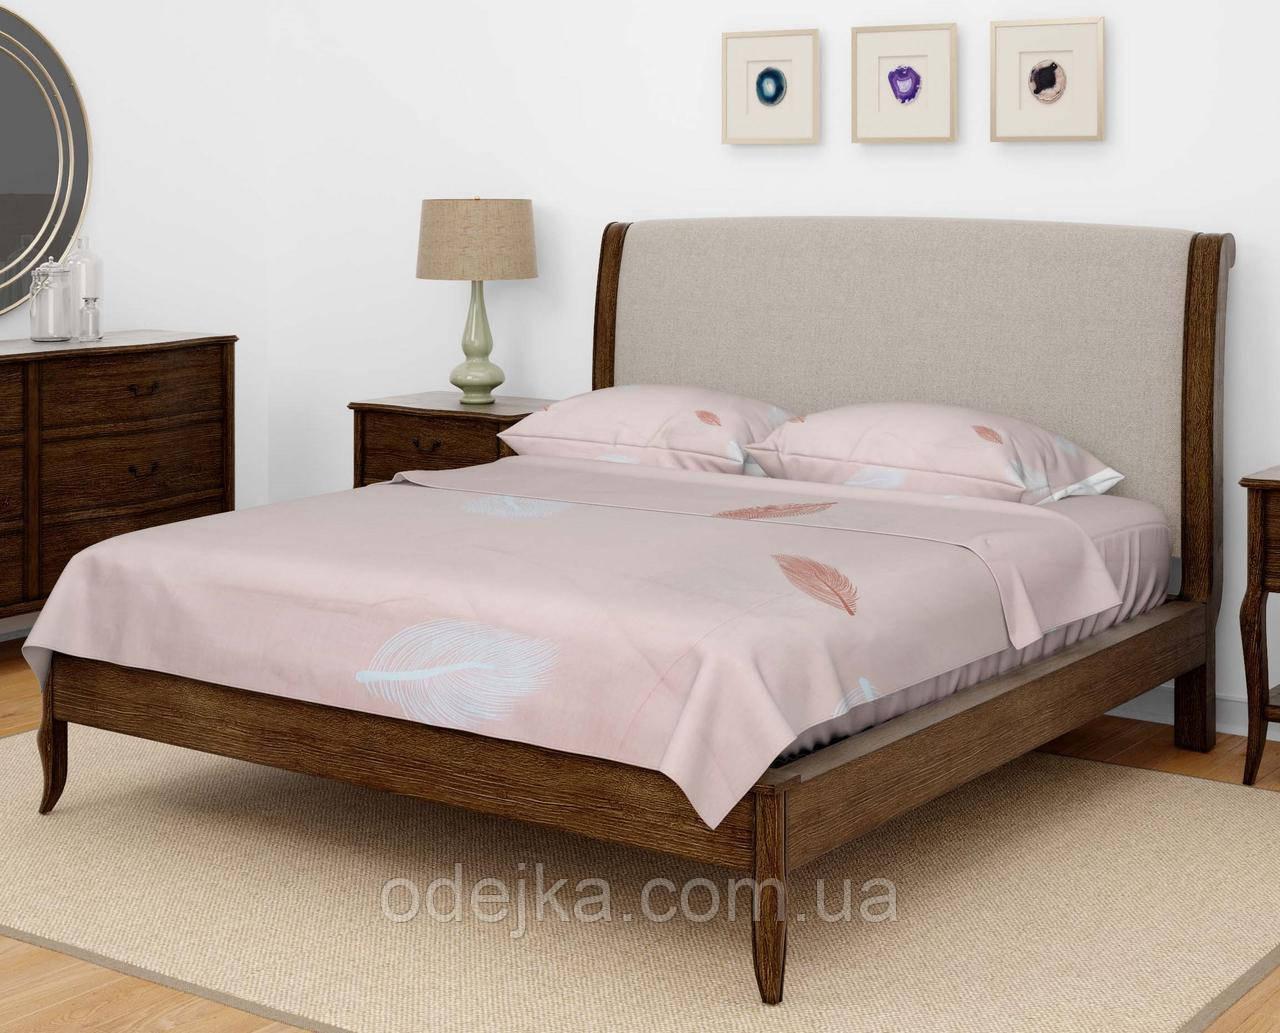 Комплект постельного белья DOTINEM Seni Бязь семейный 150х215 (8809-105)